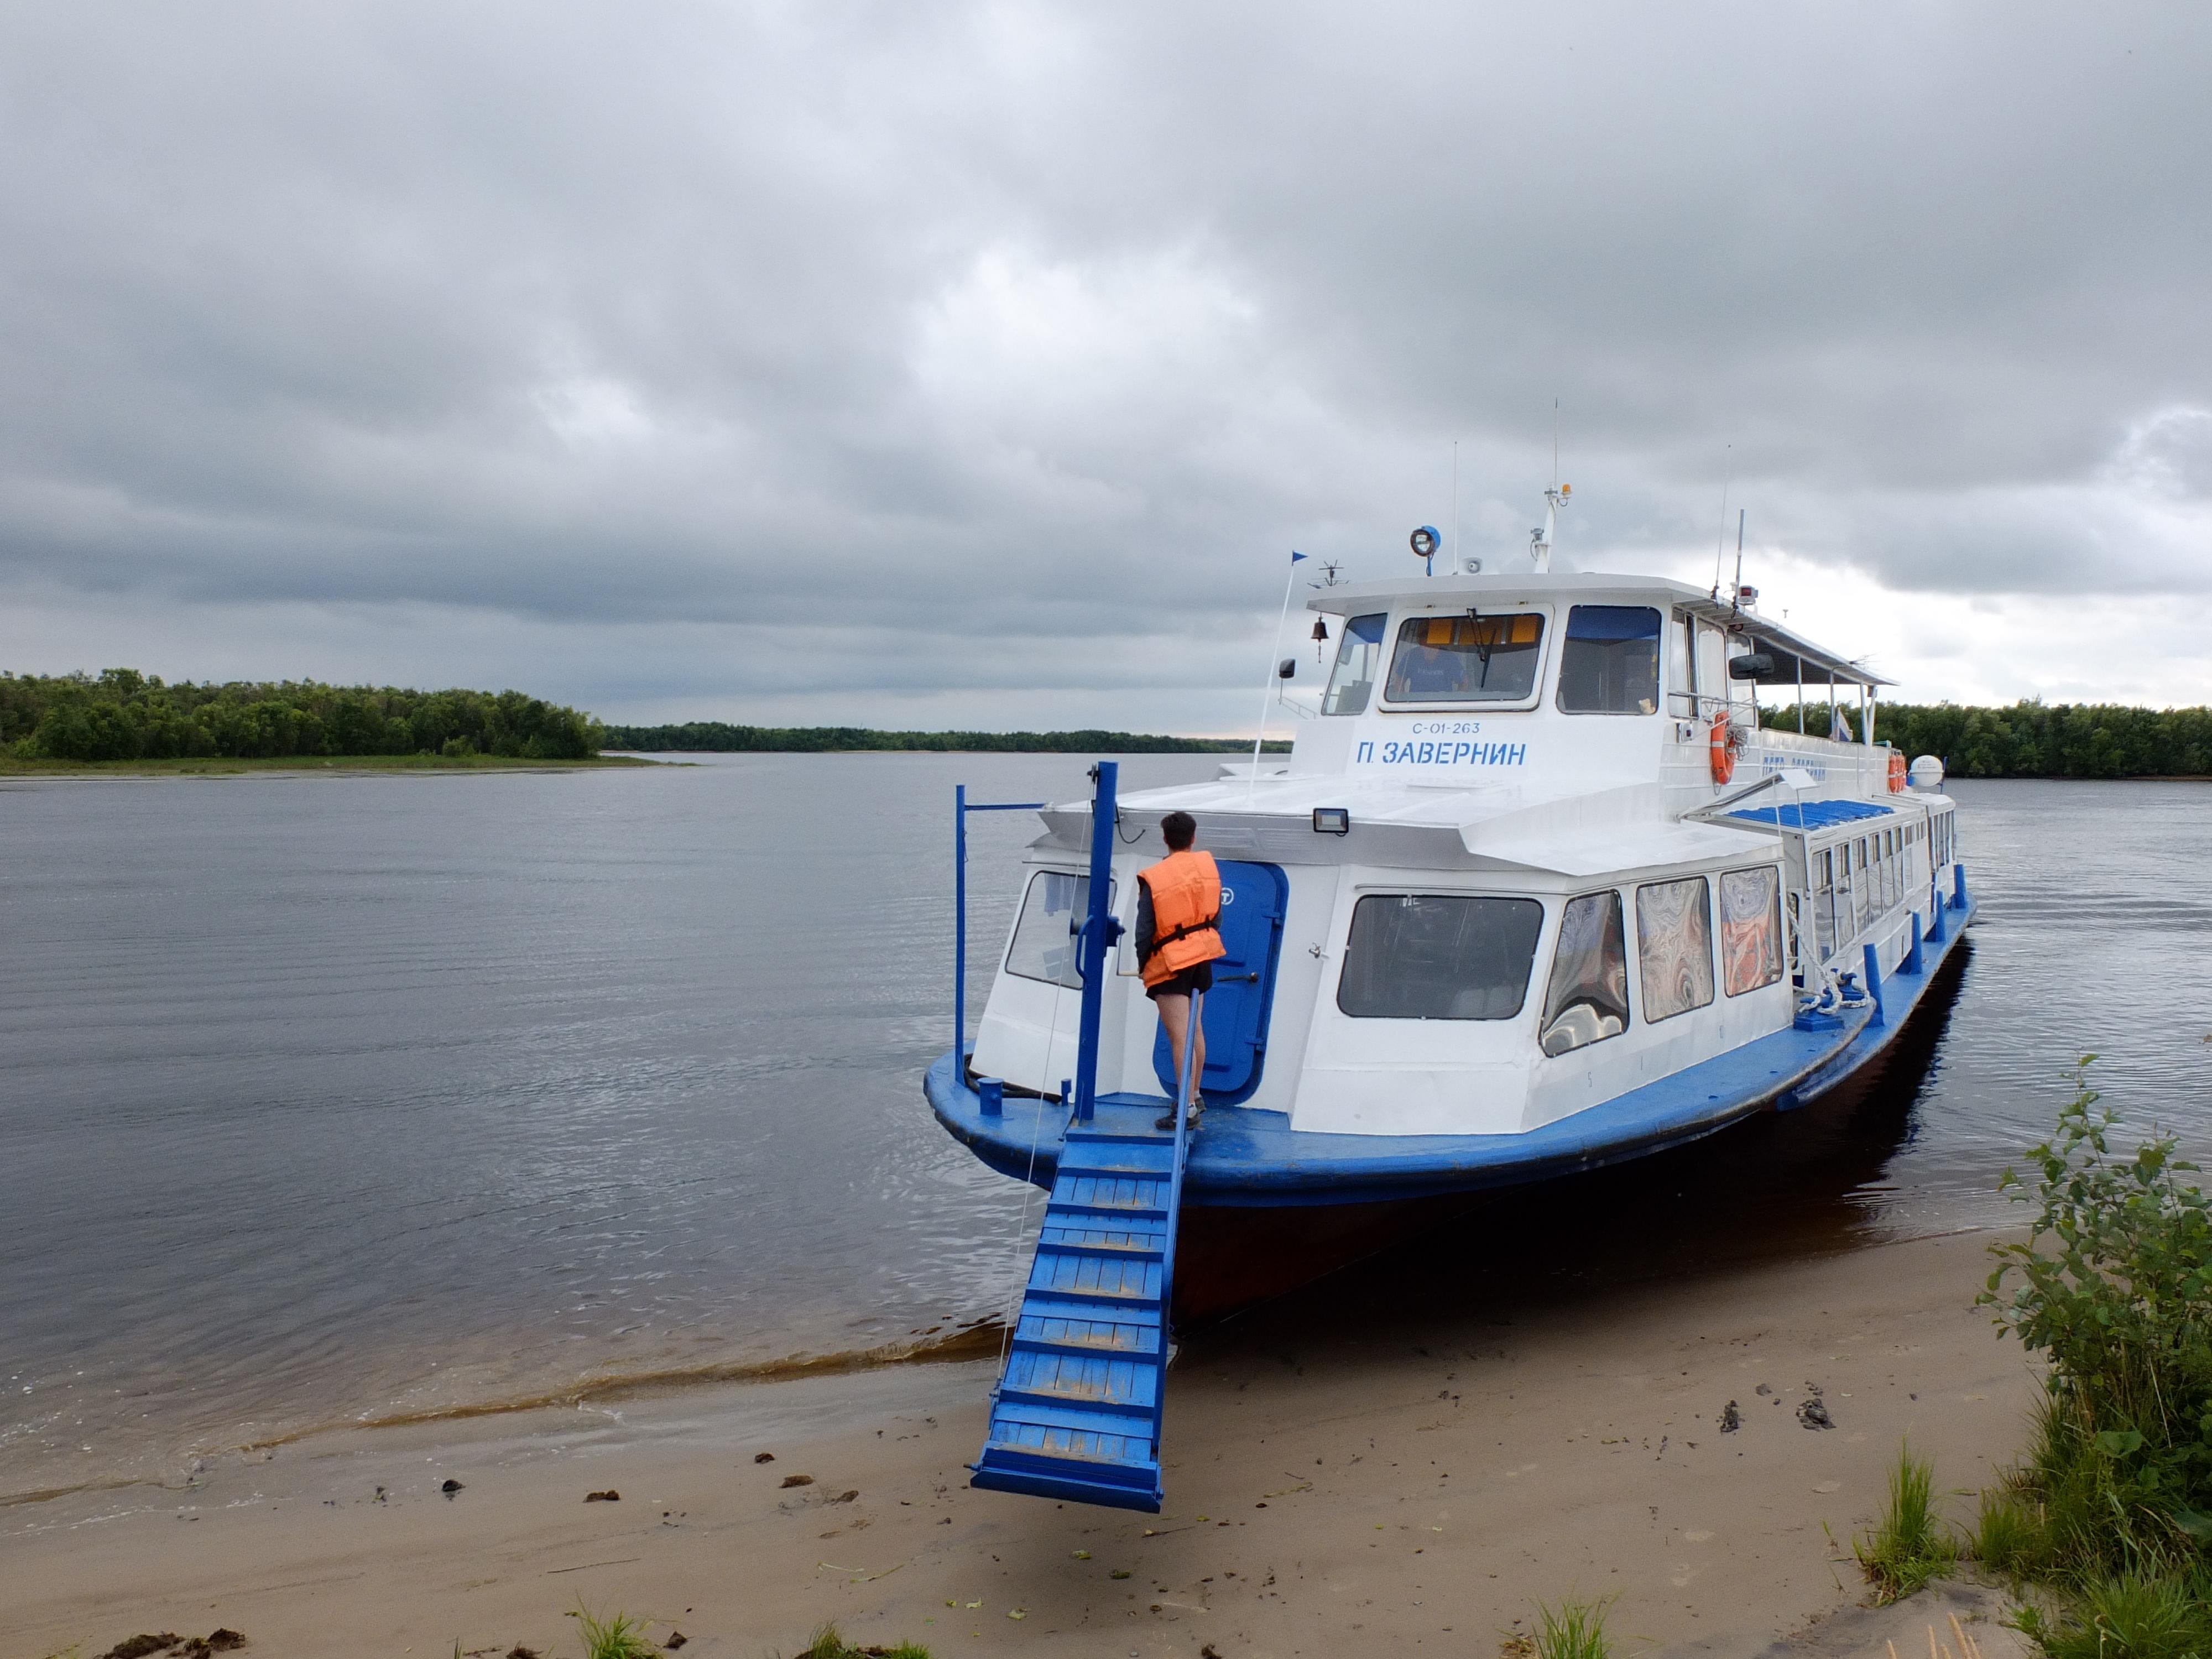 Архангельск: речные острова и Малые Корелы